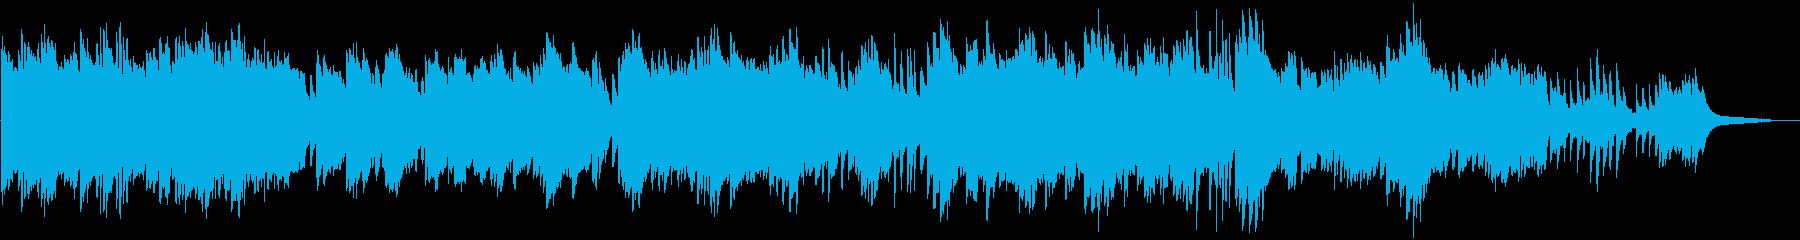 感動的で壮大な ピアノソロの再生済みの波形